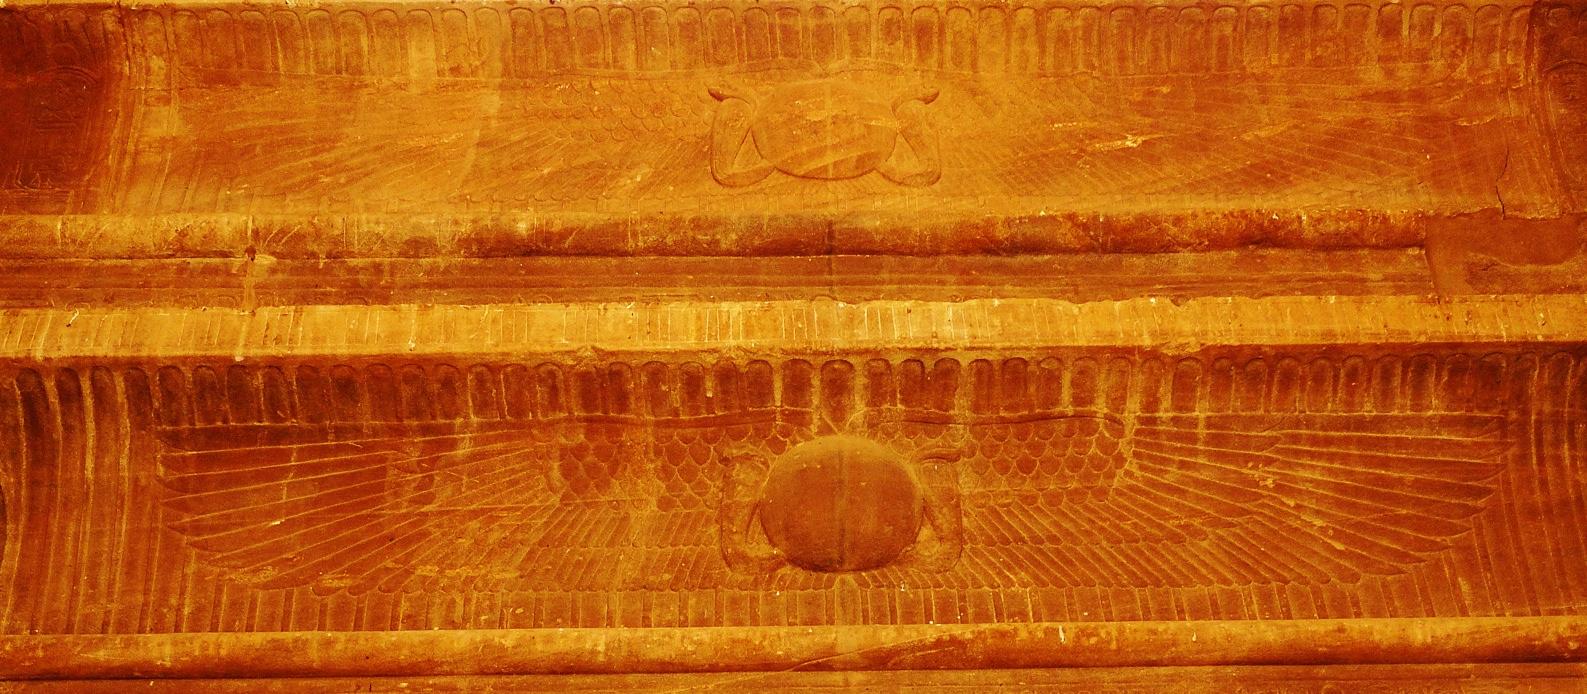 Isis_temple_Philae_20